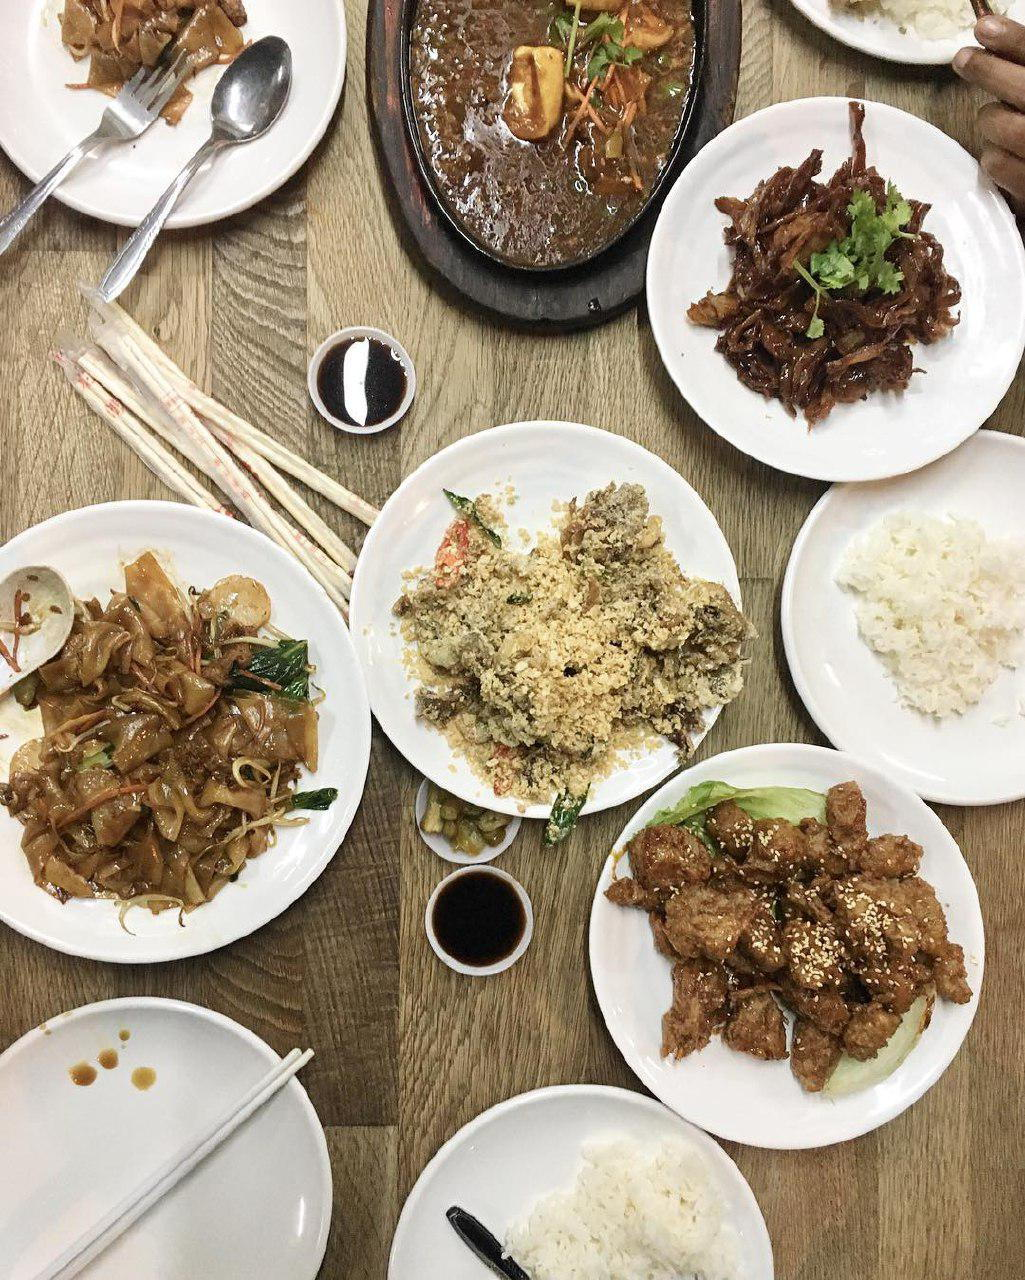 Tampines West food - Zi Zai Vegetarian Restaurant